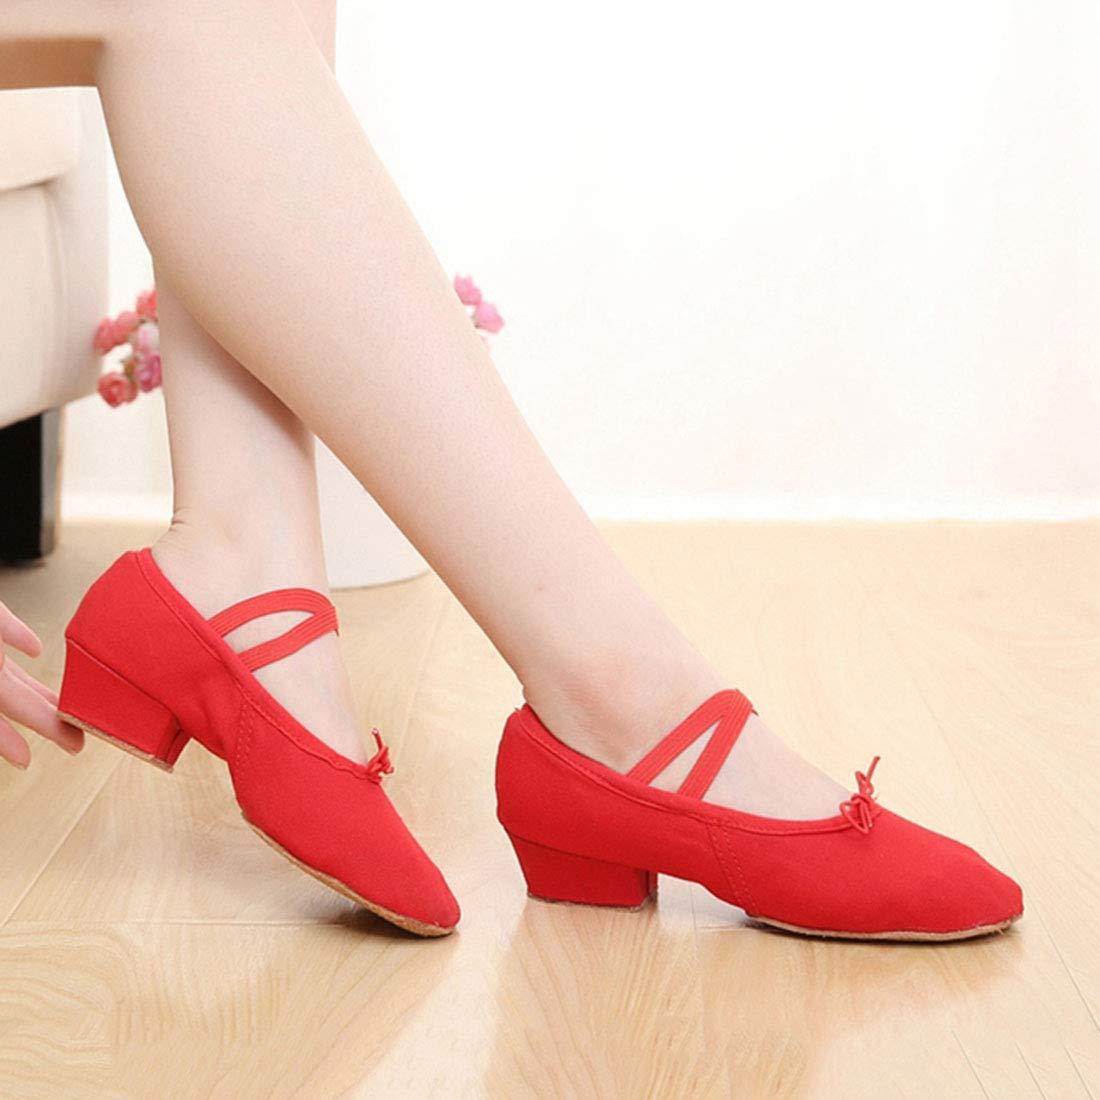 Femme Fille Chaussure de Danse de Salon Ballet Ballerine Latine Chaussons a Talon en Toile de Salsa Tango Valse